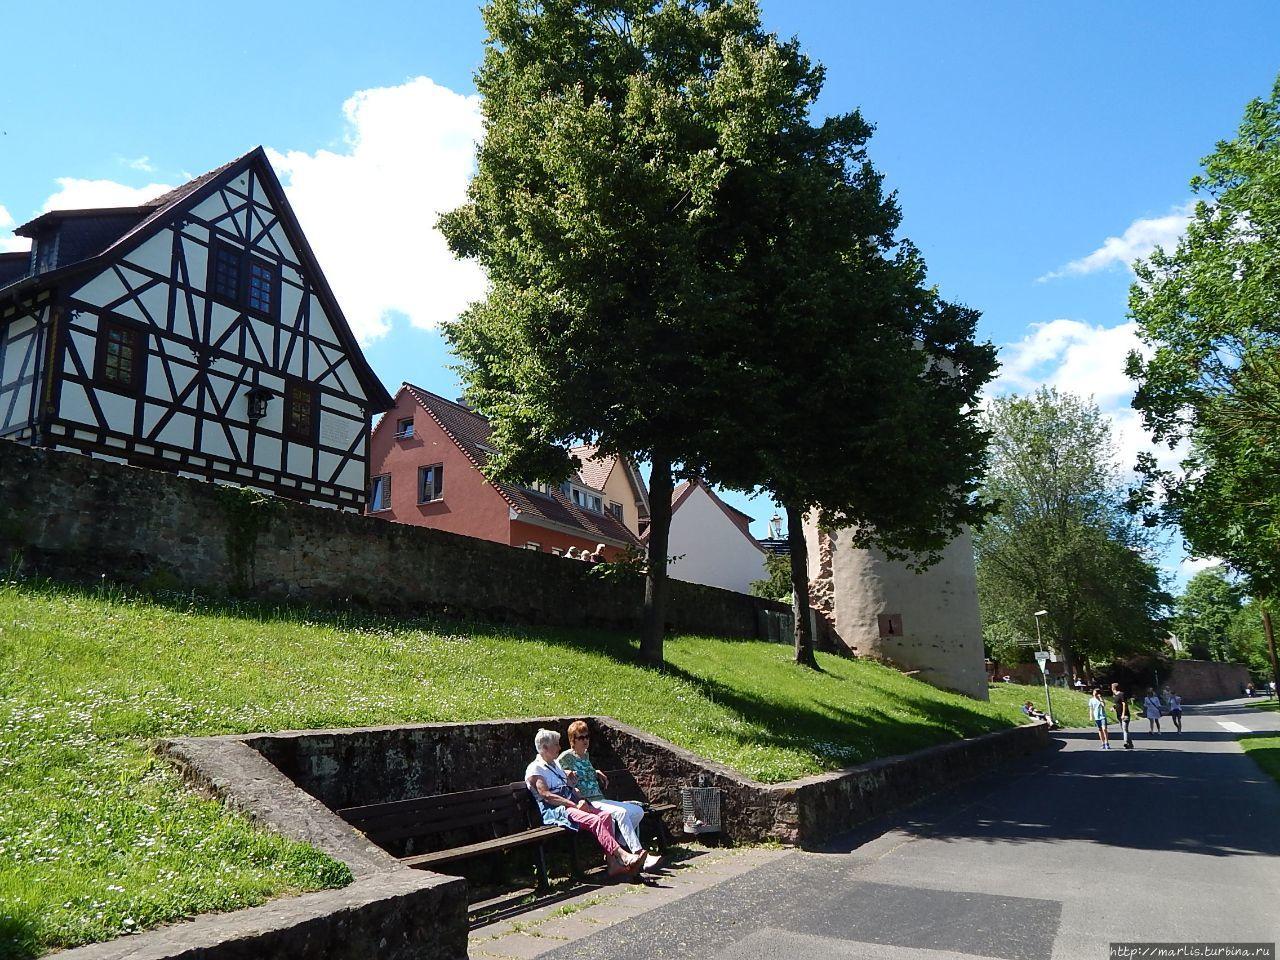 Foto ehrmann in seligenstadt 13